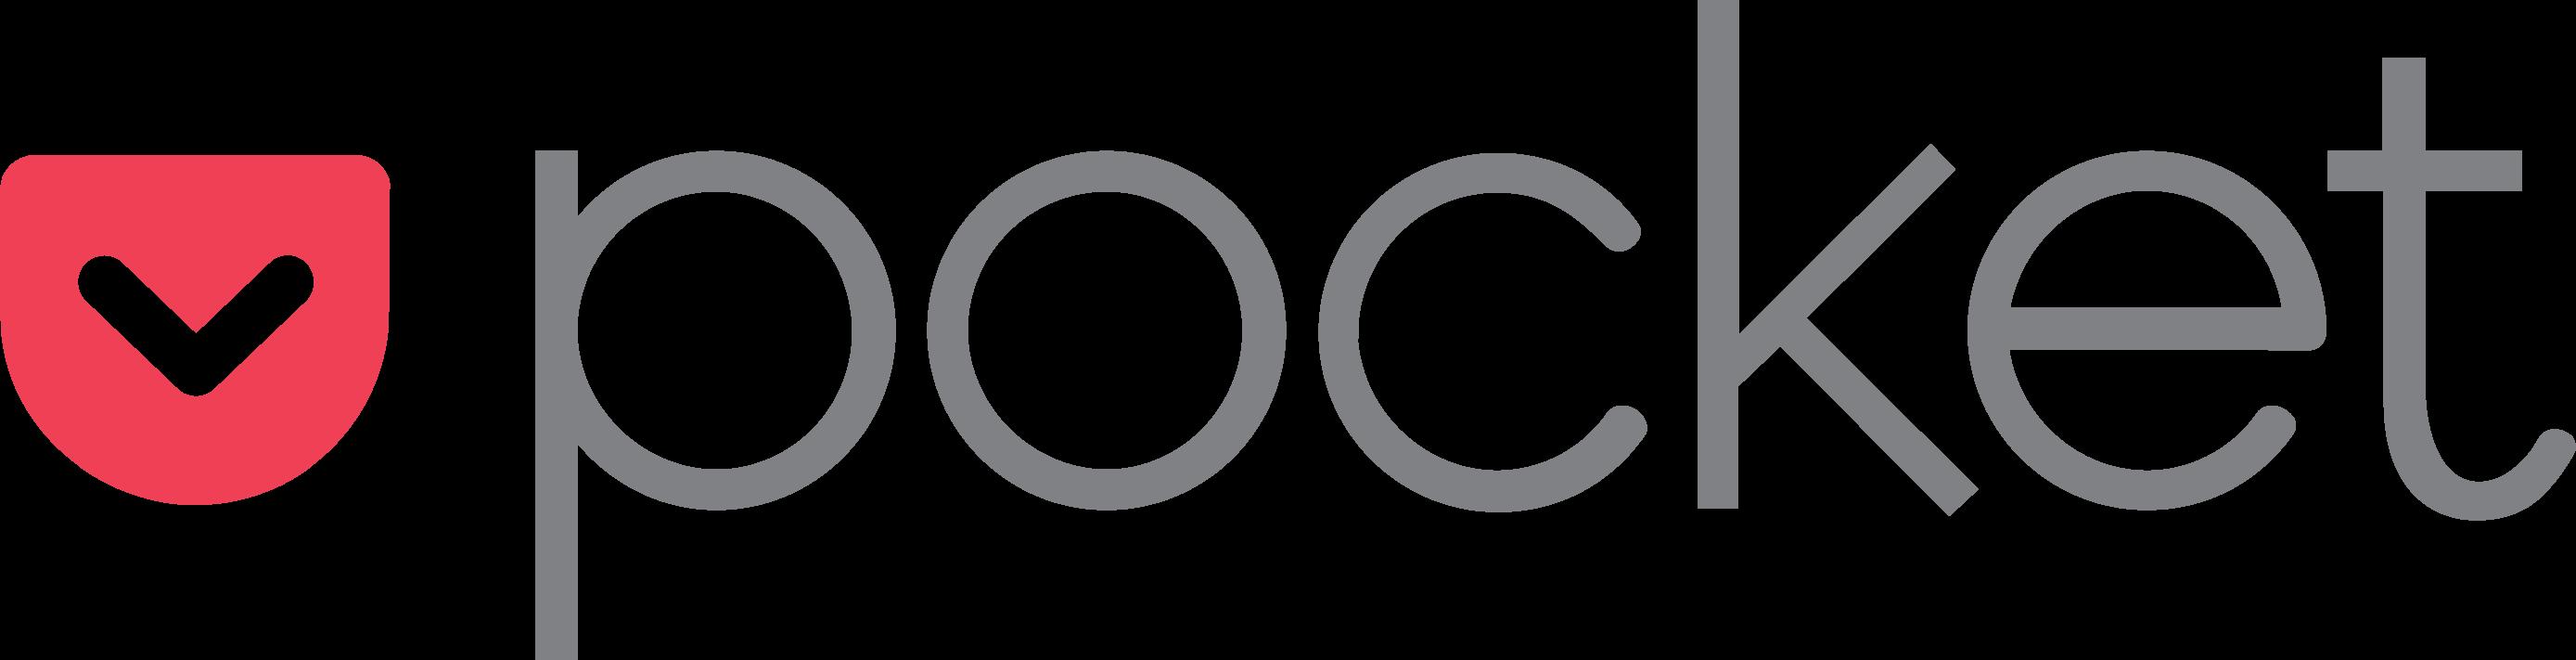 Pocket Logo png